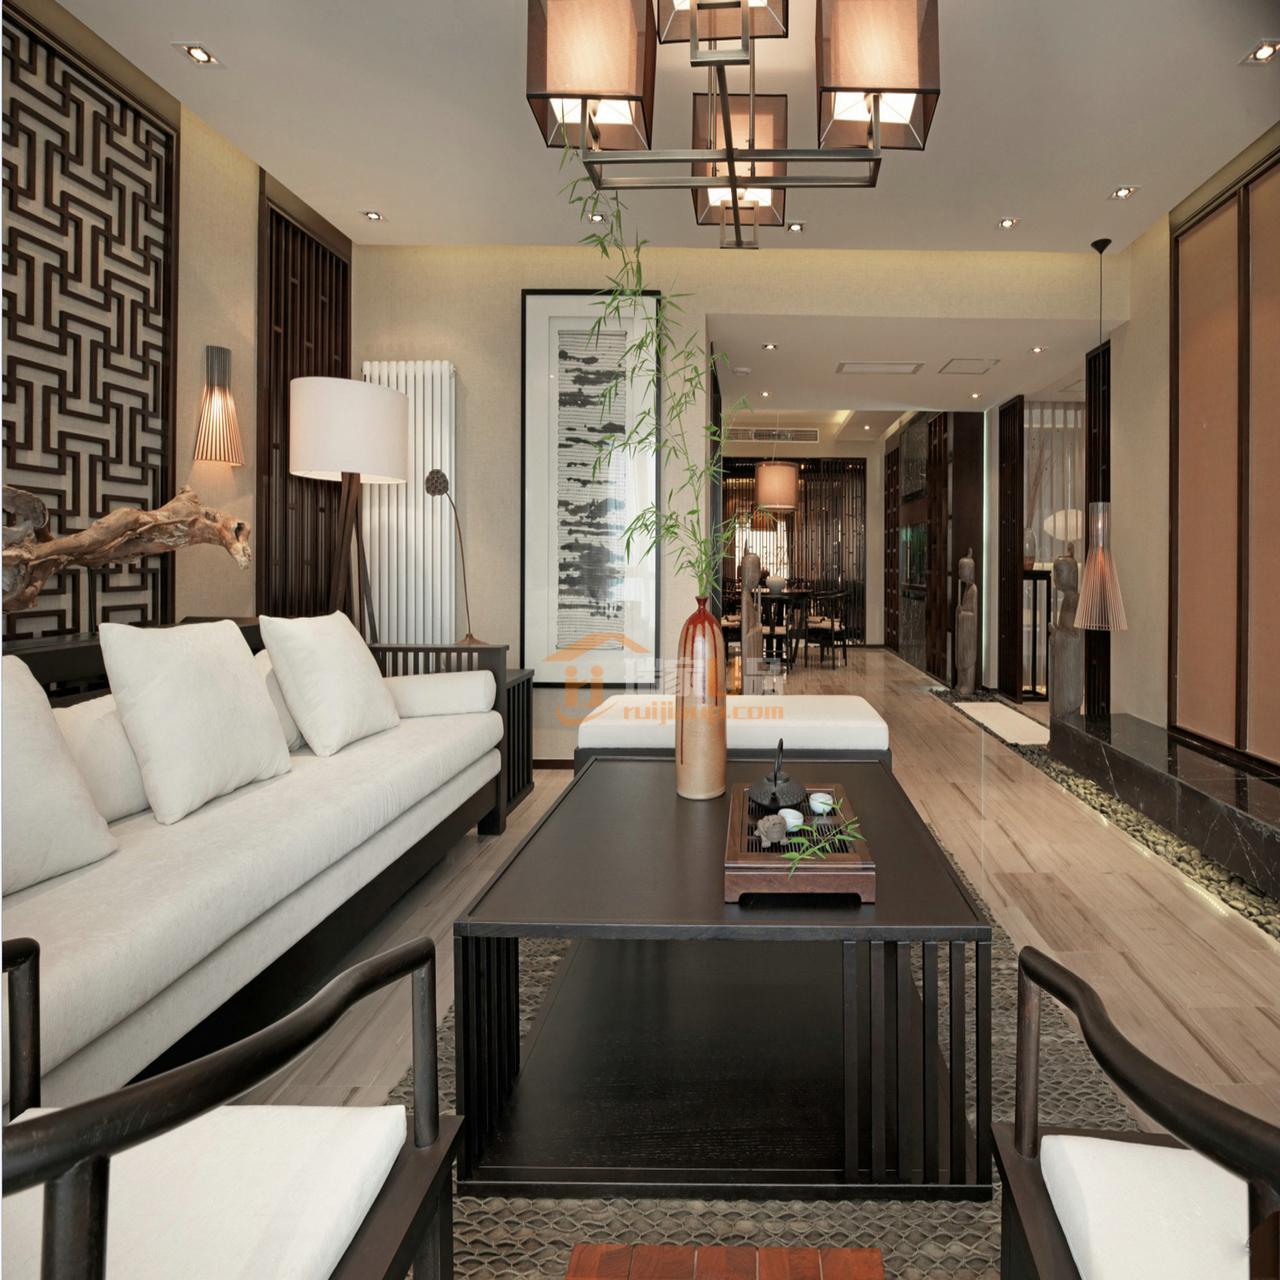 新中式风格家具大多是古典家具或者是现代家具与古典家具相结合。